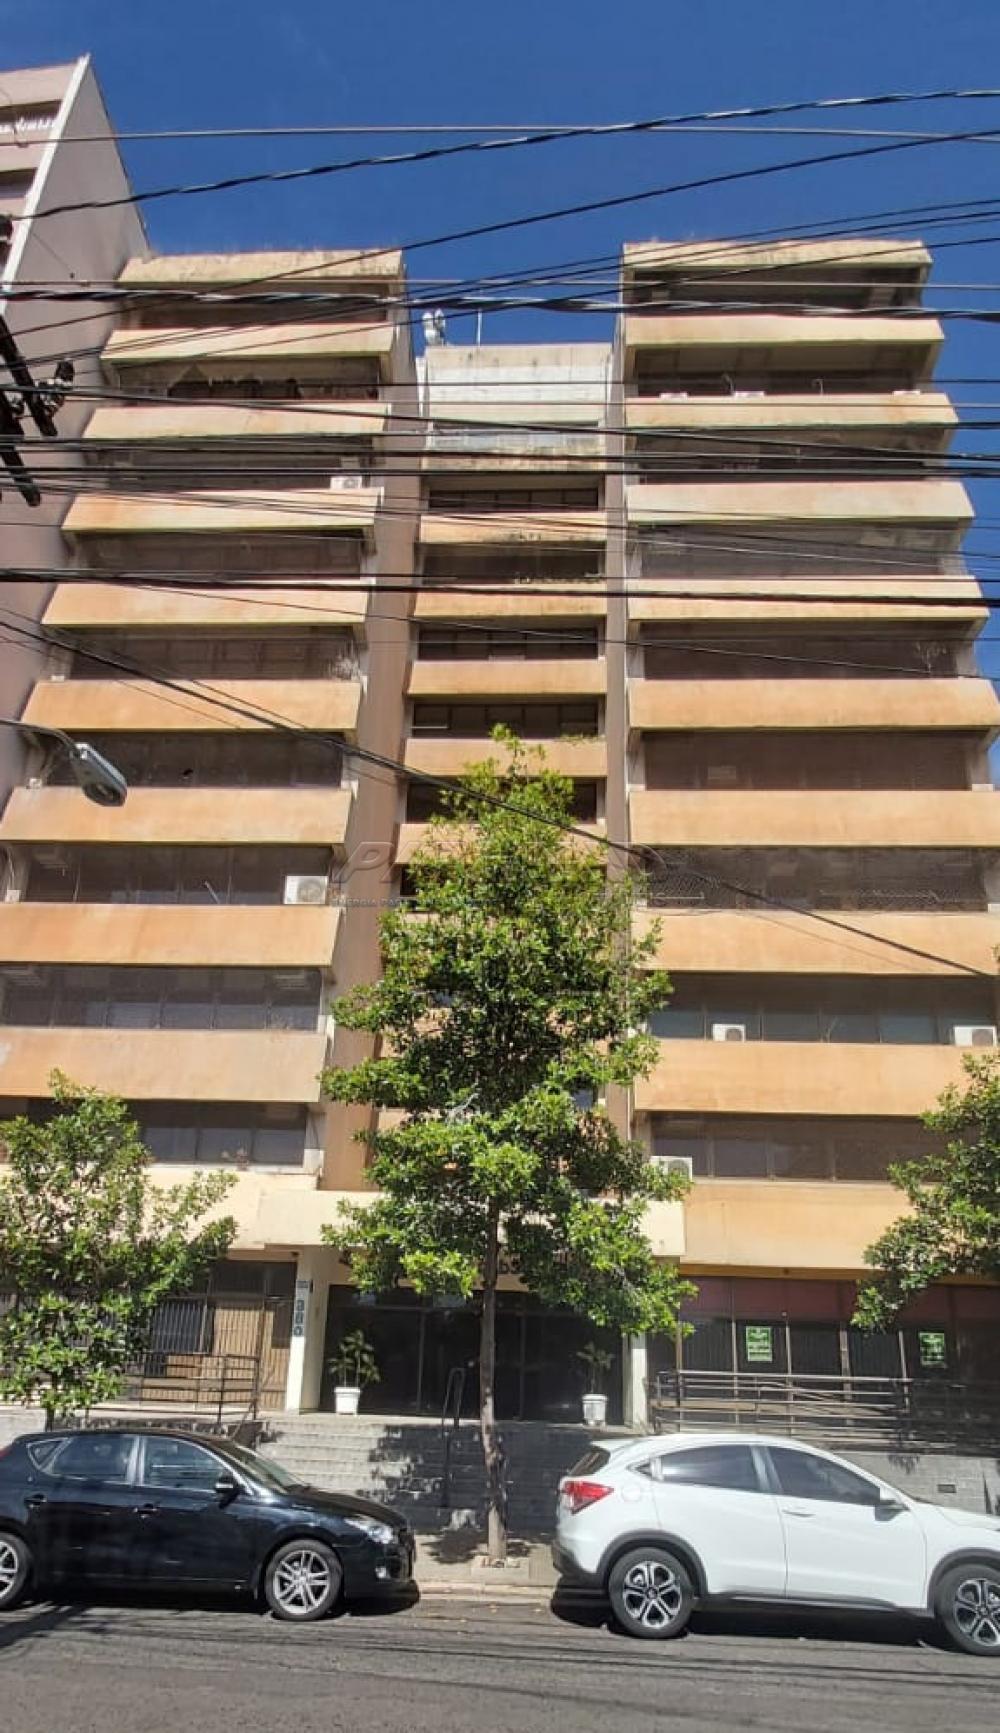 Alugar Comercial / Sala em Ribeirão Preto apenas R$ 650,00 - Foto 8